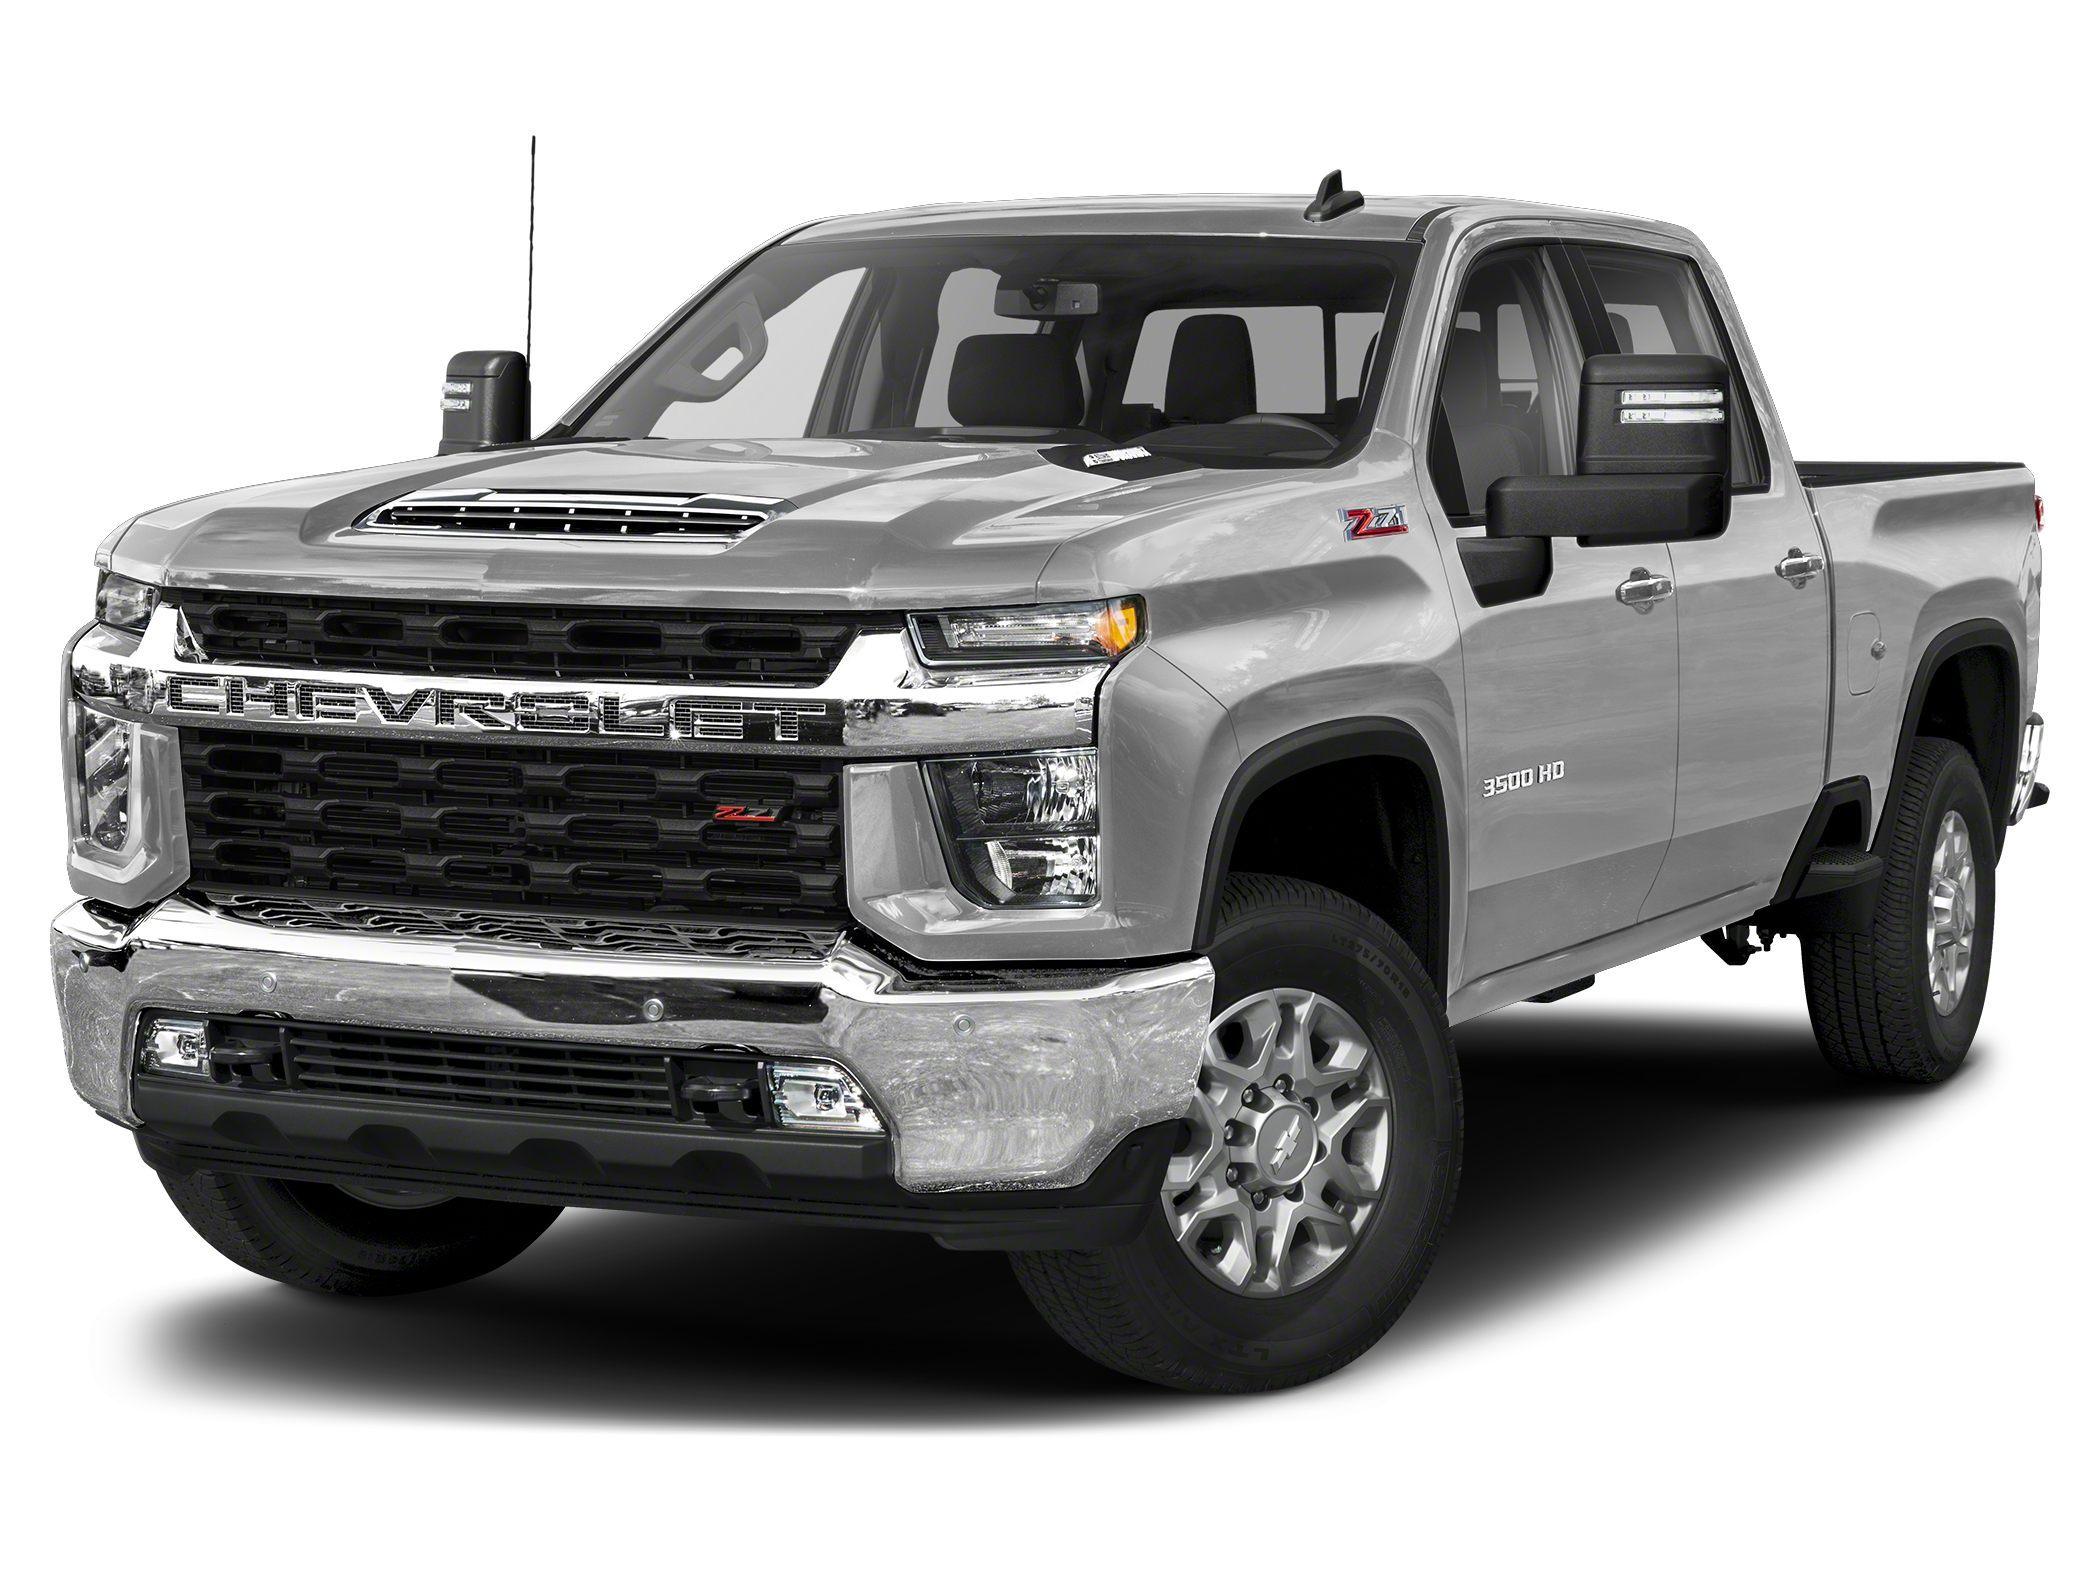 2021 Chevrolet Silverado 3500HD Truck Crew Cab